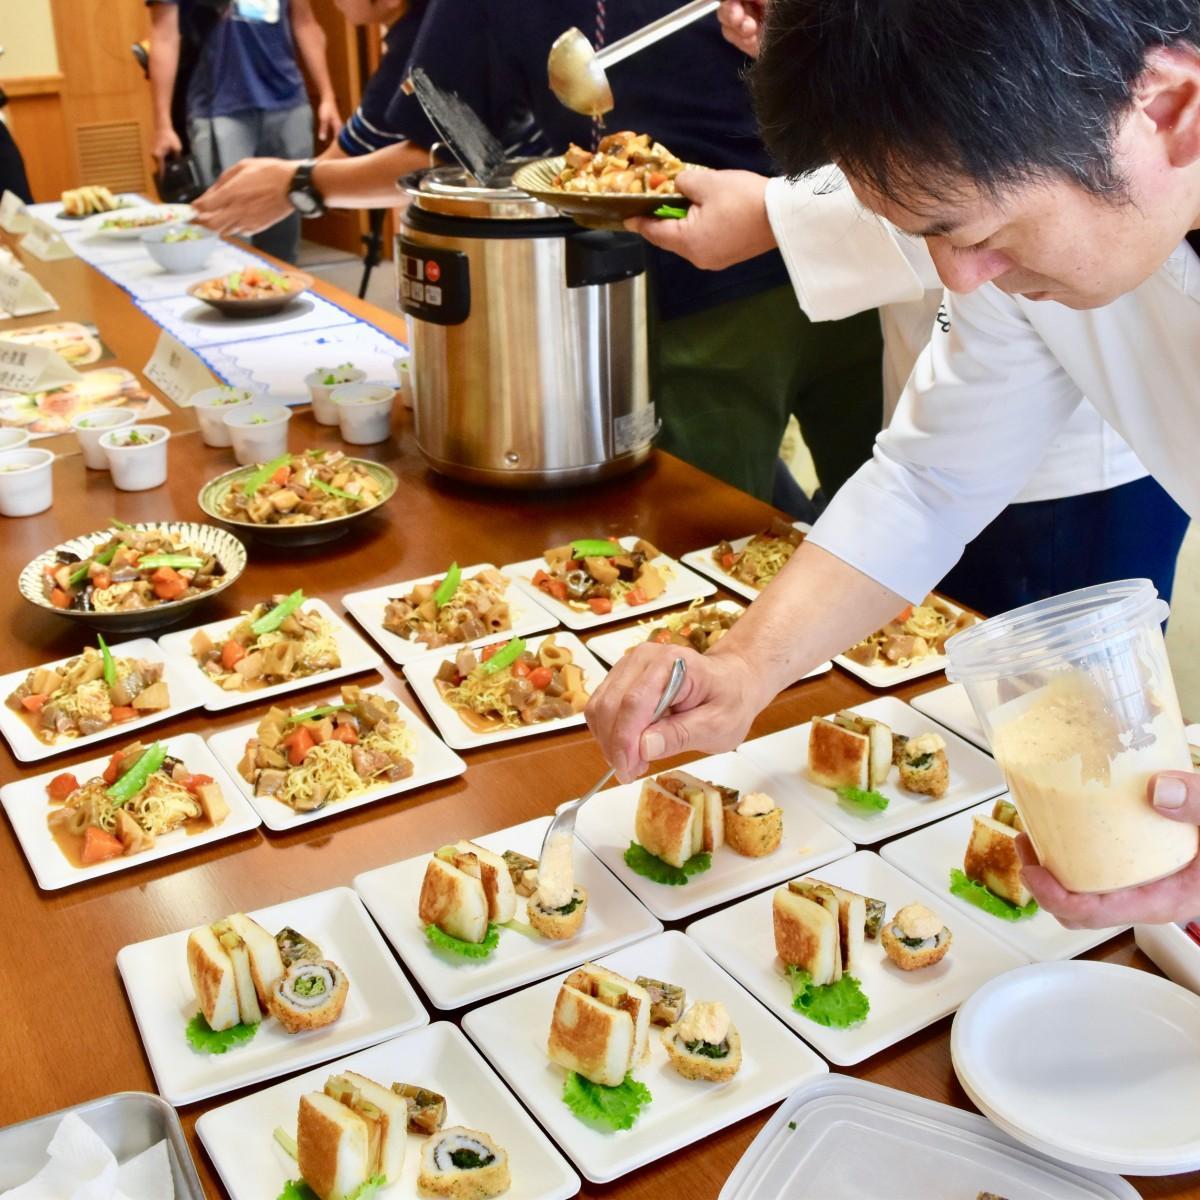 県庁で紹介された創作郷土料理「新しい大分を食べよう」